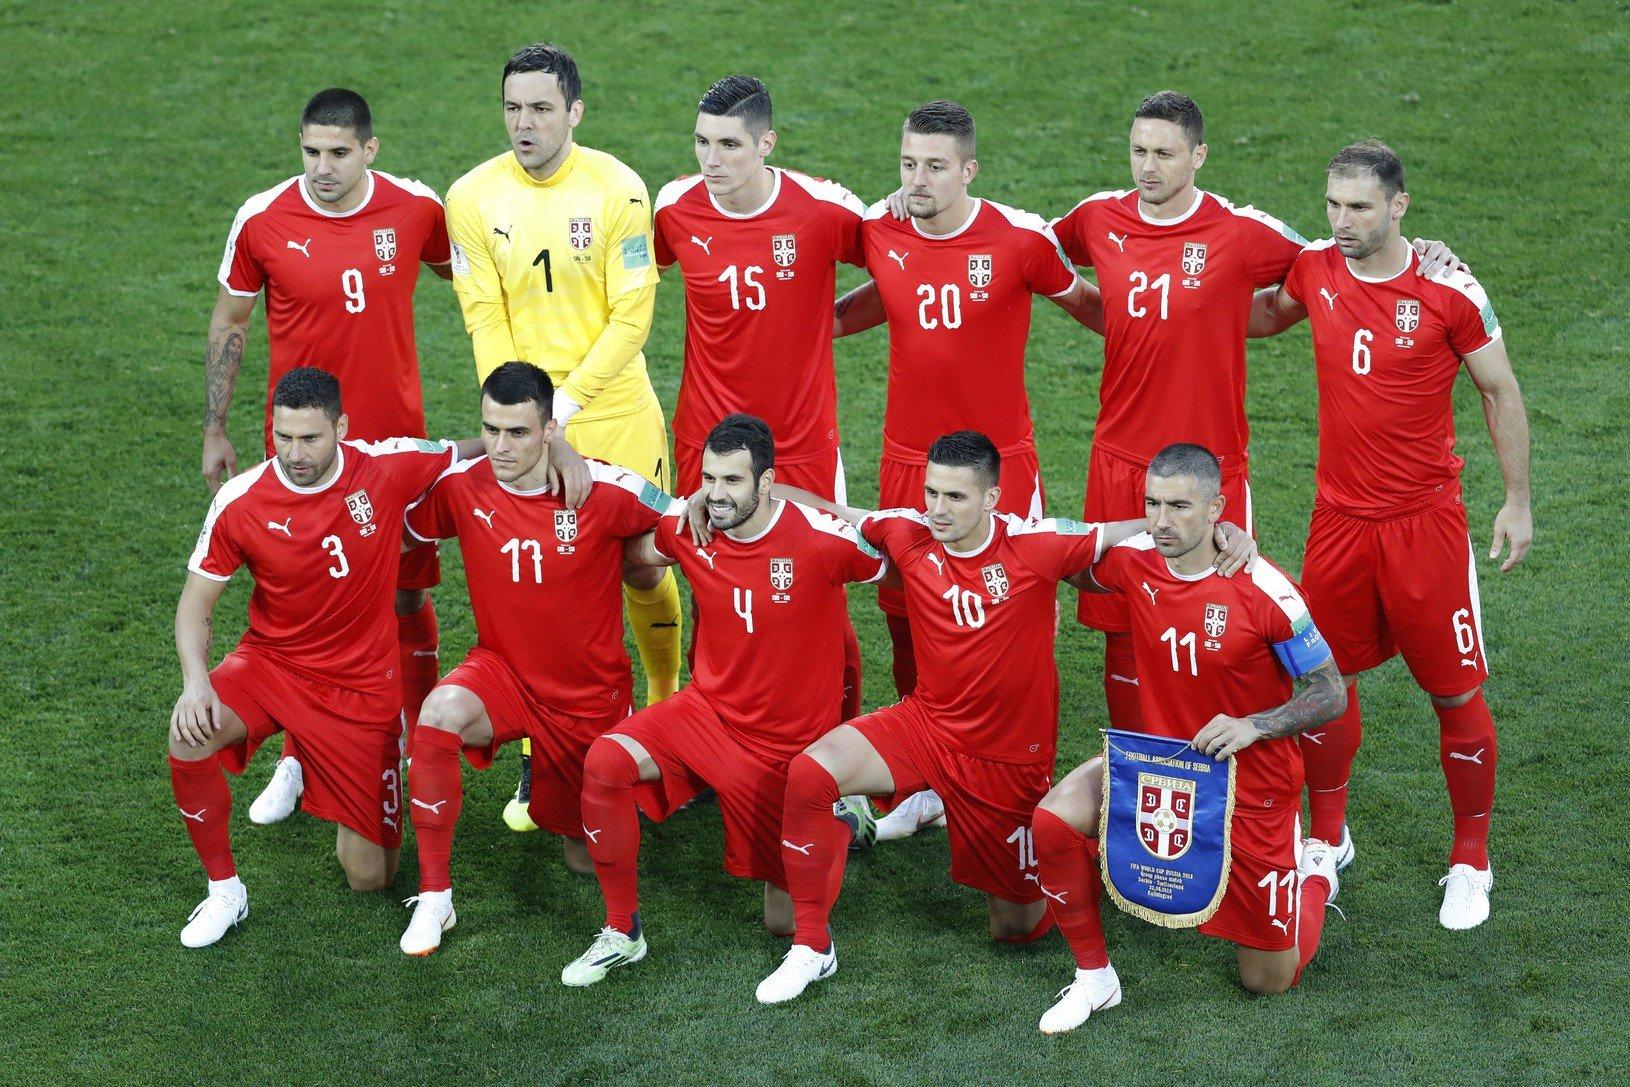 Srbská družina pred zápasom